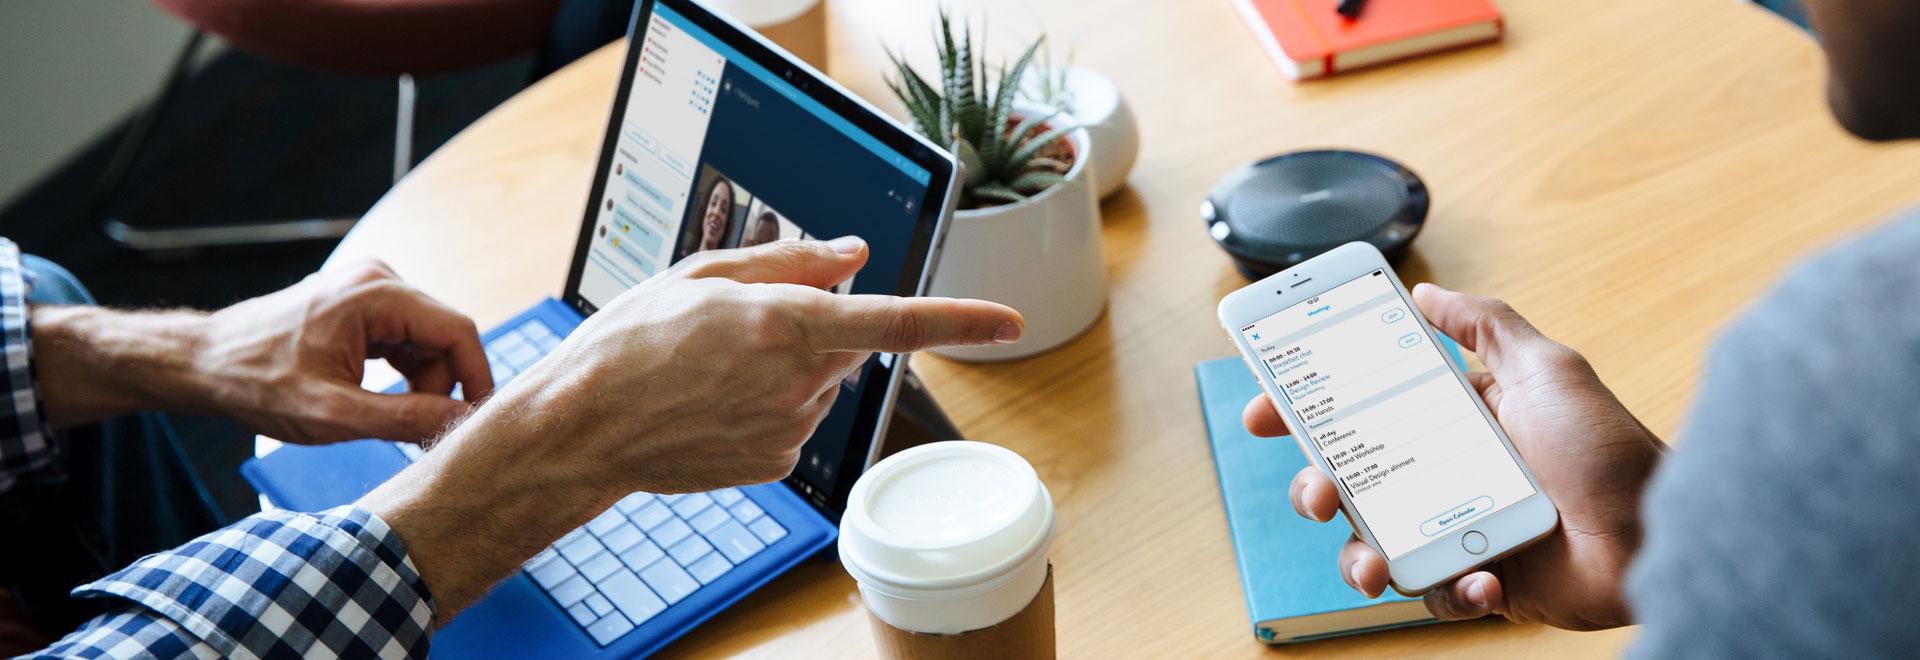 2 人の人が机に向かい、1 人はスマートフォンで、もう 1 人はノート Windows PC で Skype for Business を使用しています